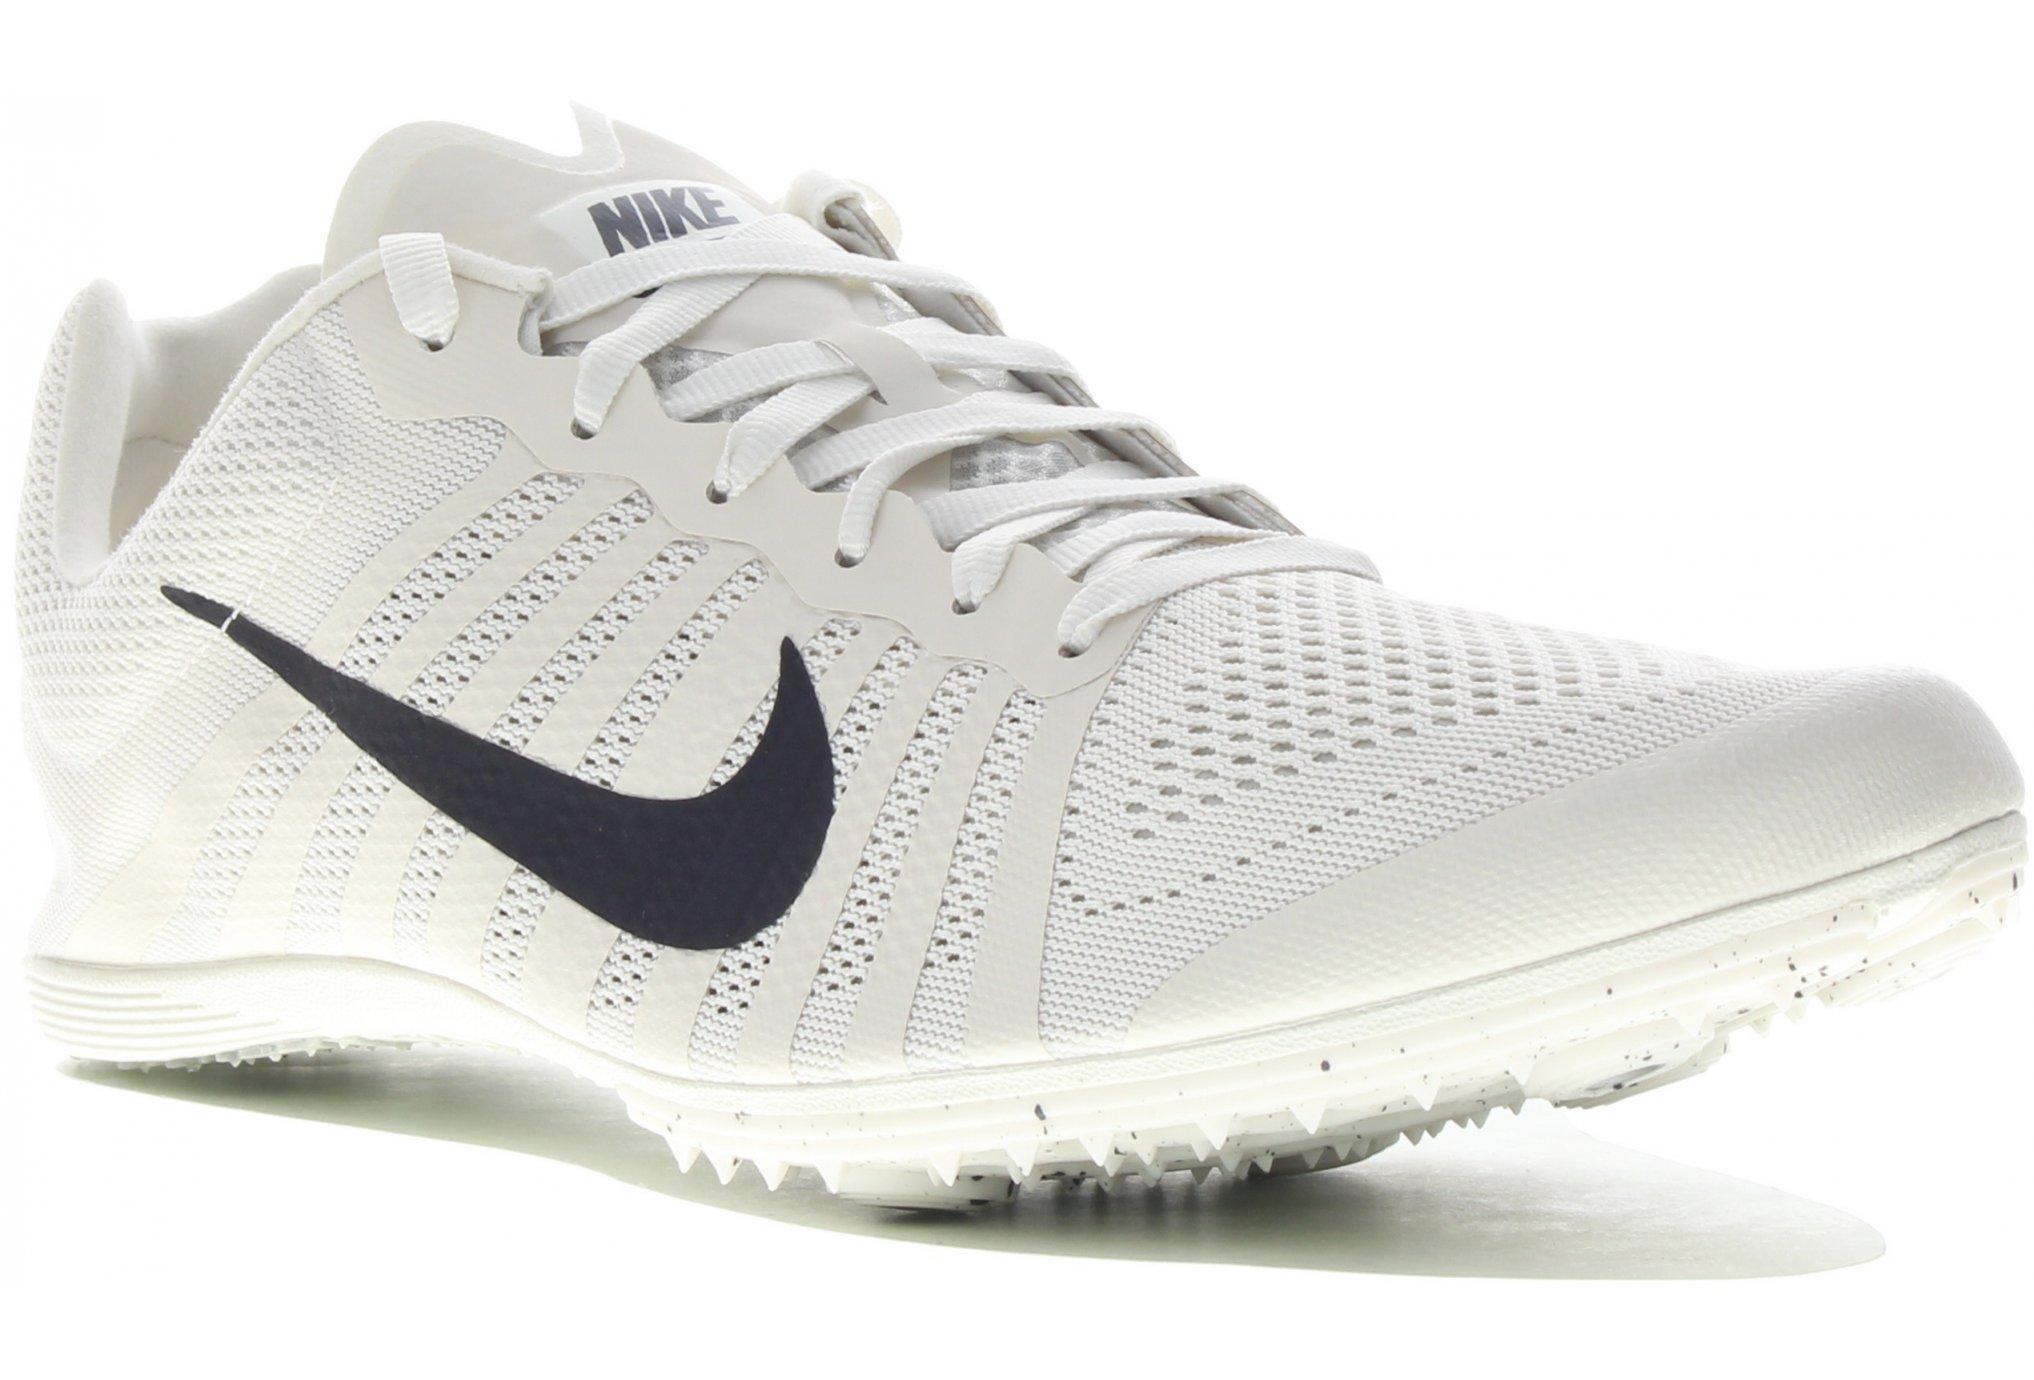 Nike Zoom D M Diététique Chaussures homme